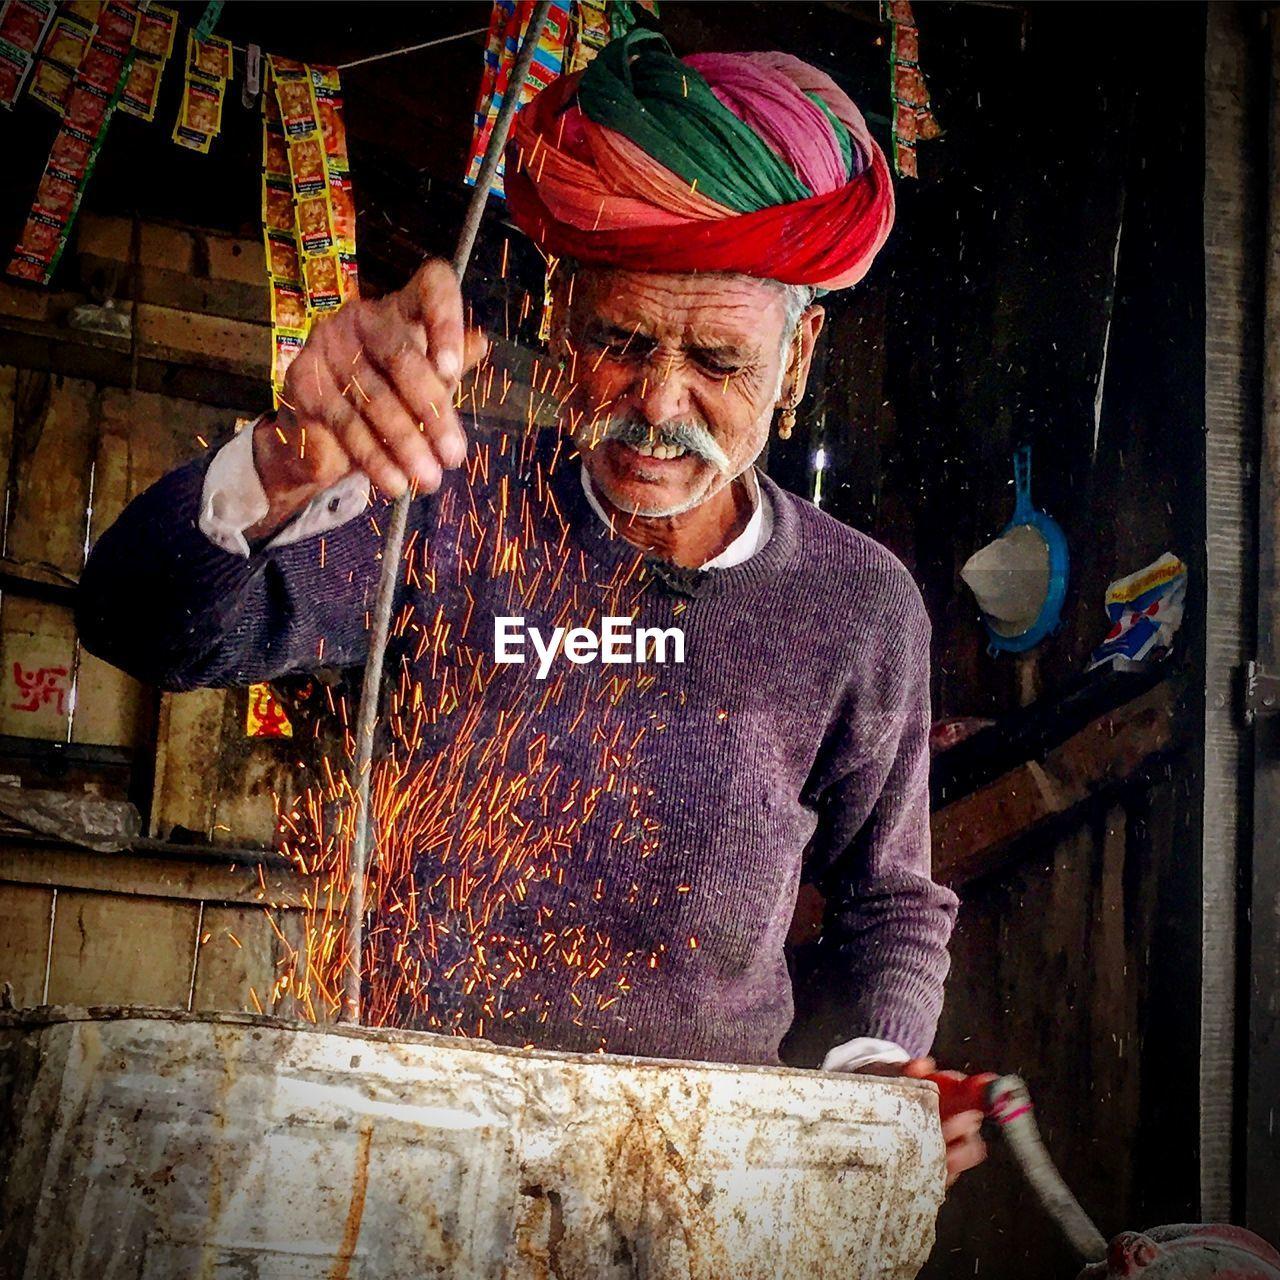 Man Wearing Turban While Preparing Burning Stove At Stall In Market